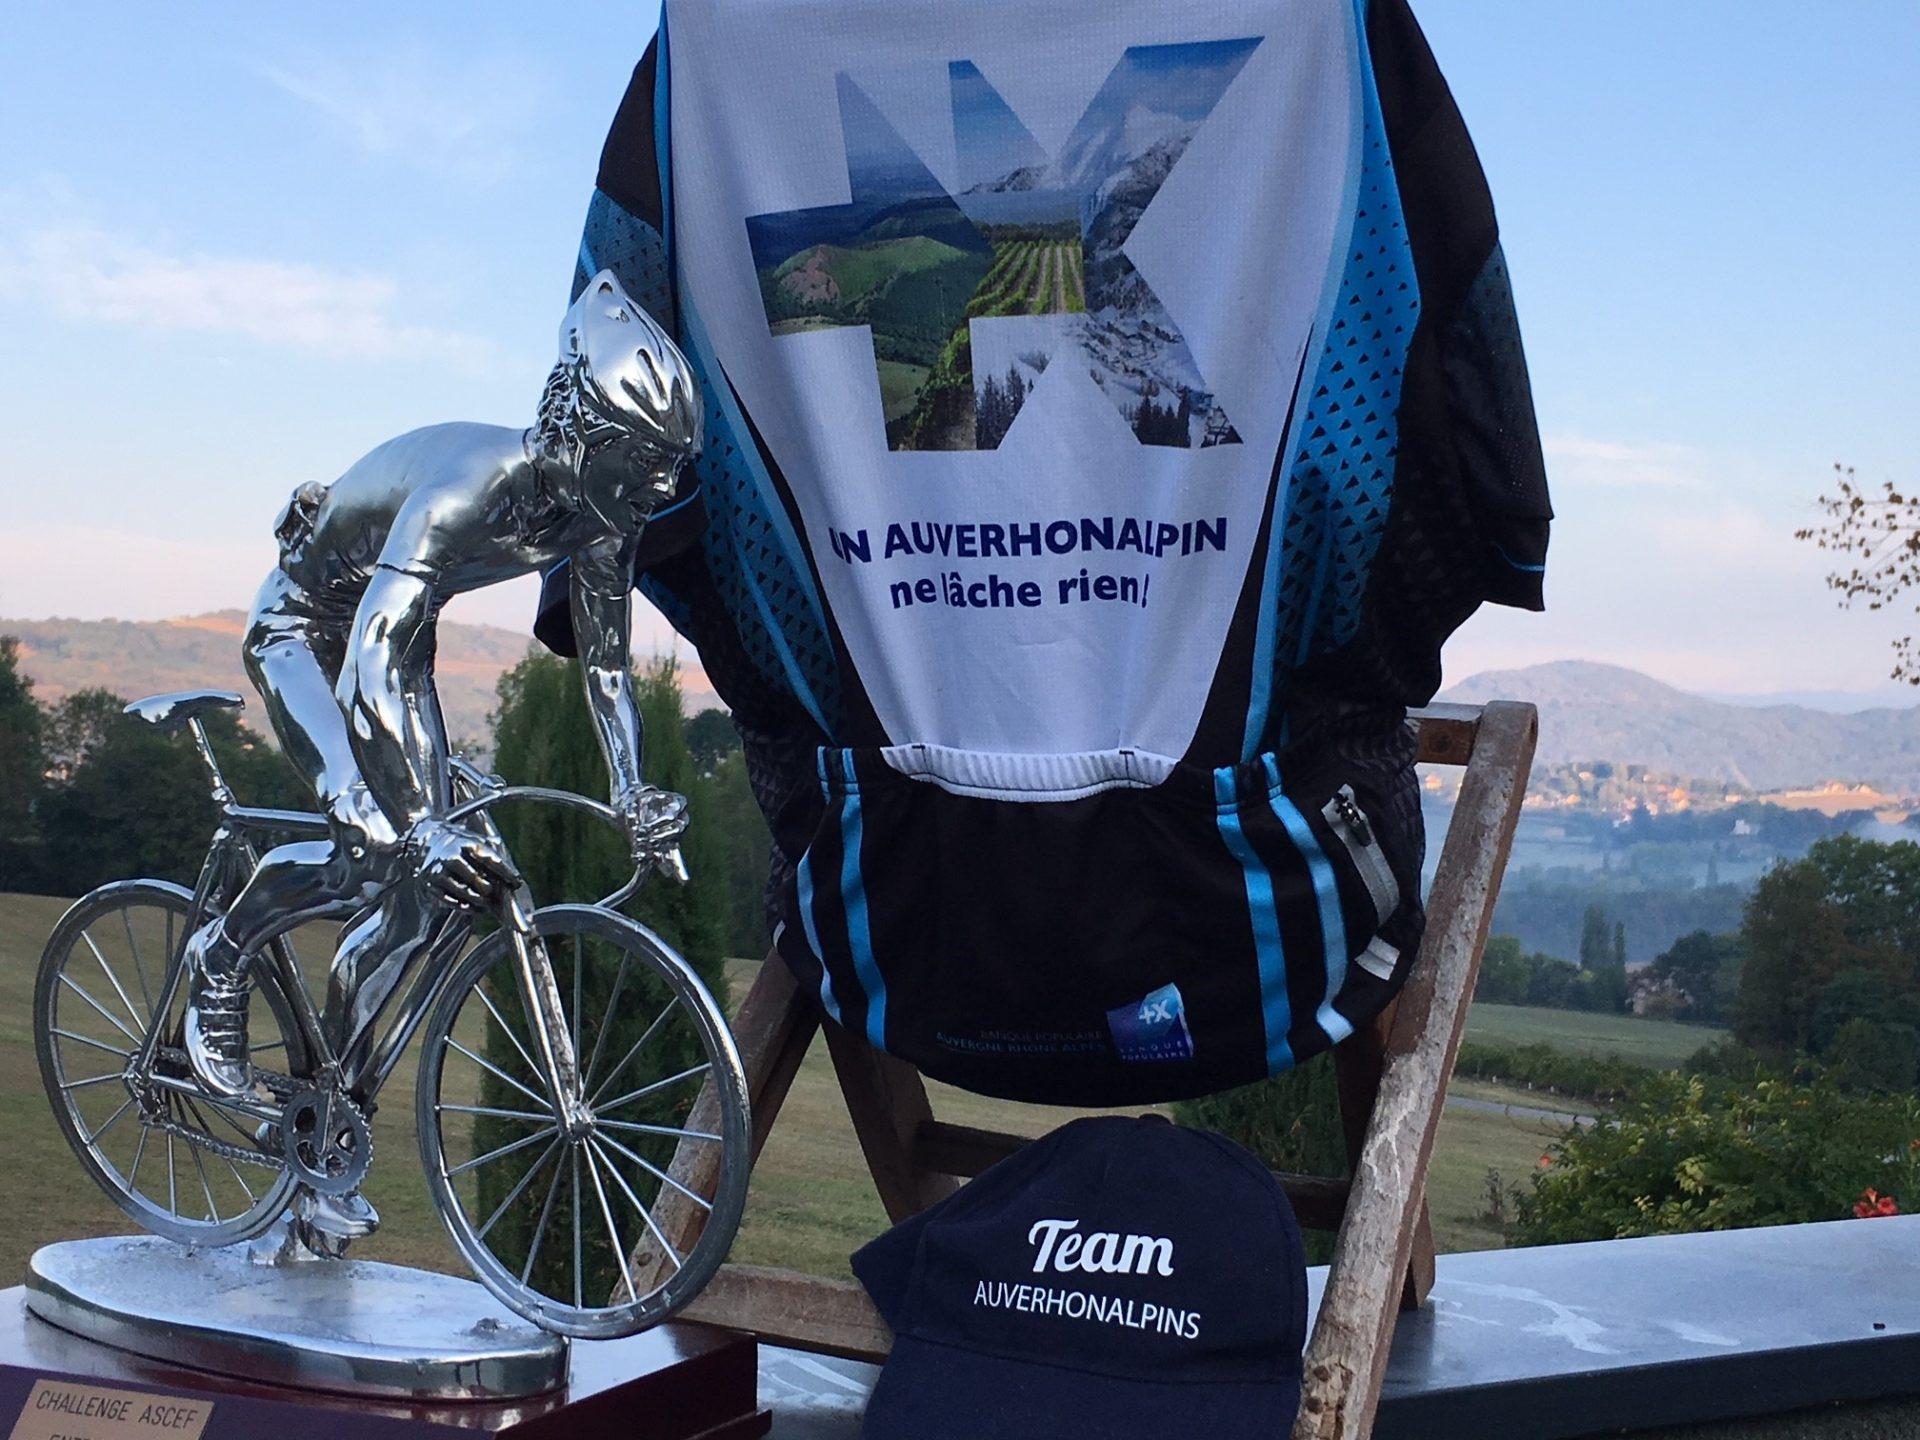 Trophée de AURA Sports remporté par la Banque Populaire Auvergne Rhône Alpes